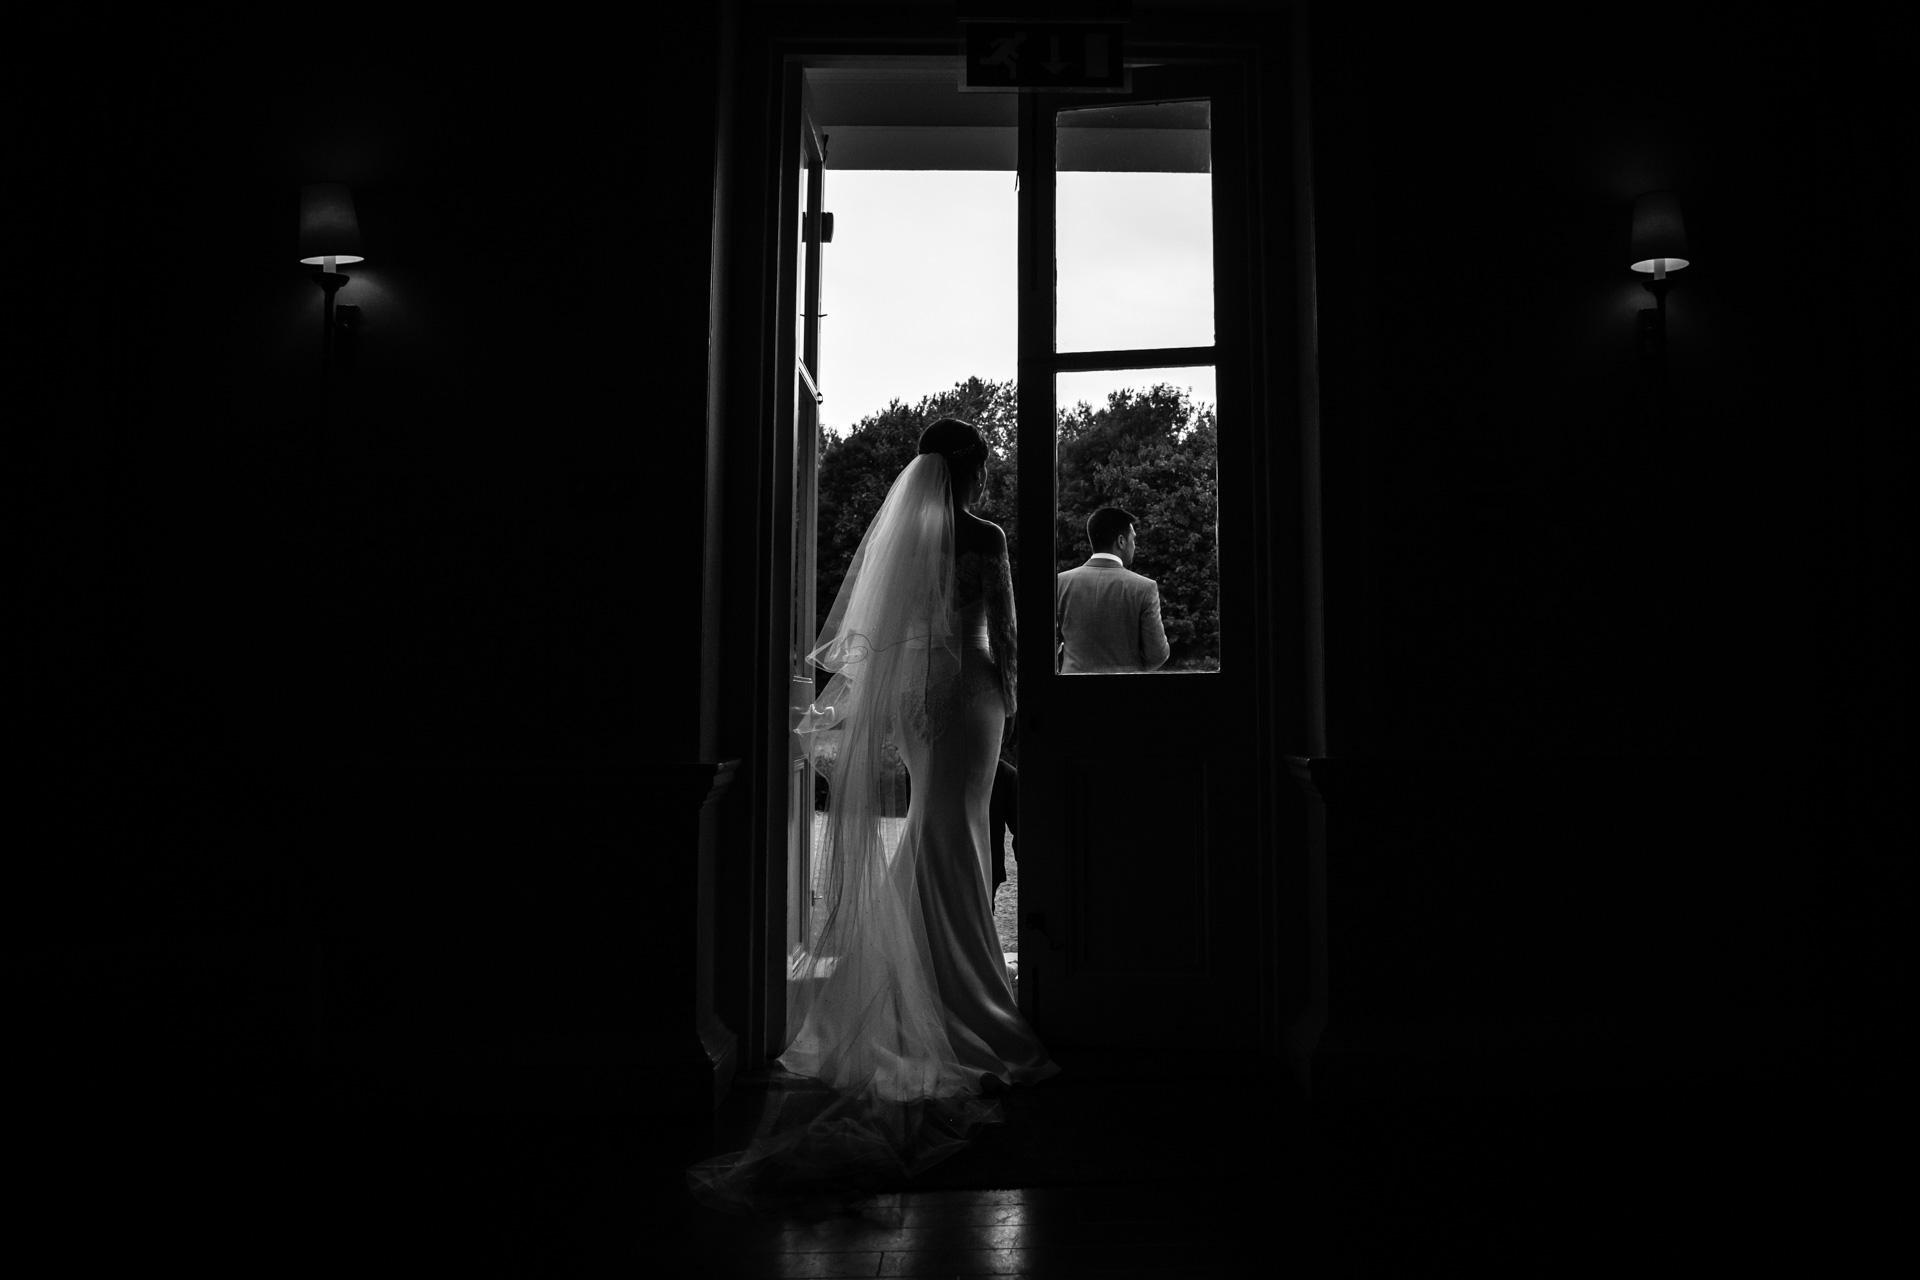 Richard Murgatroyd Photography - London Wedding Photographer - Most Curious Fair Blog -0003.jpg